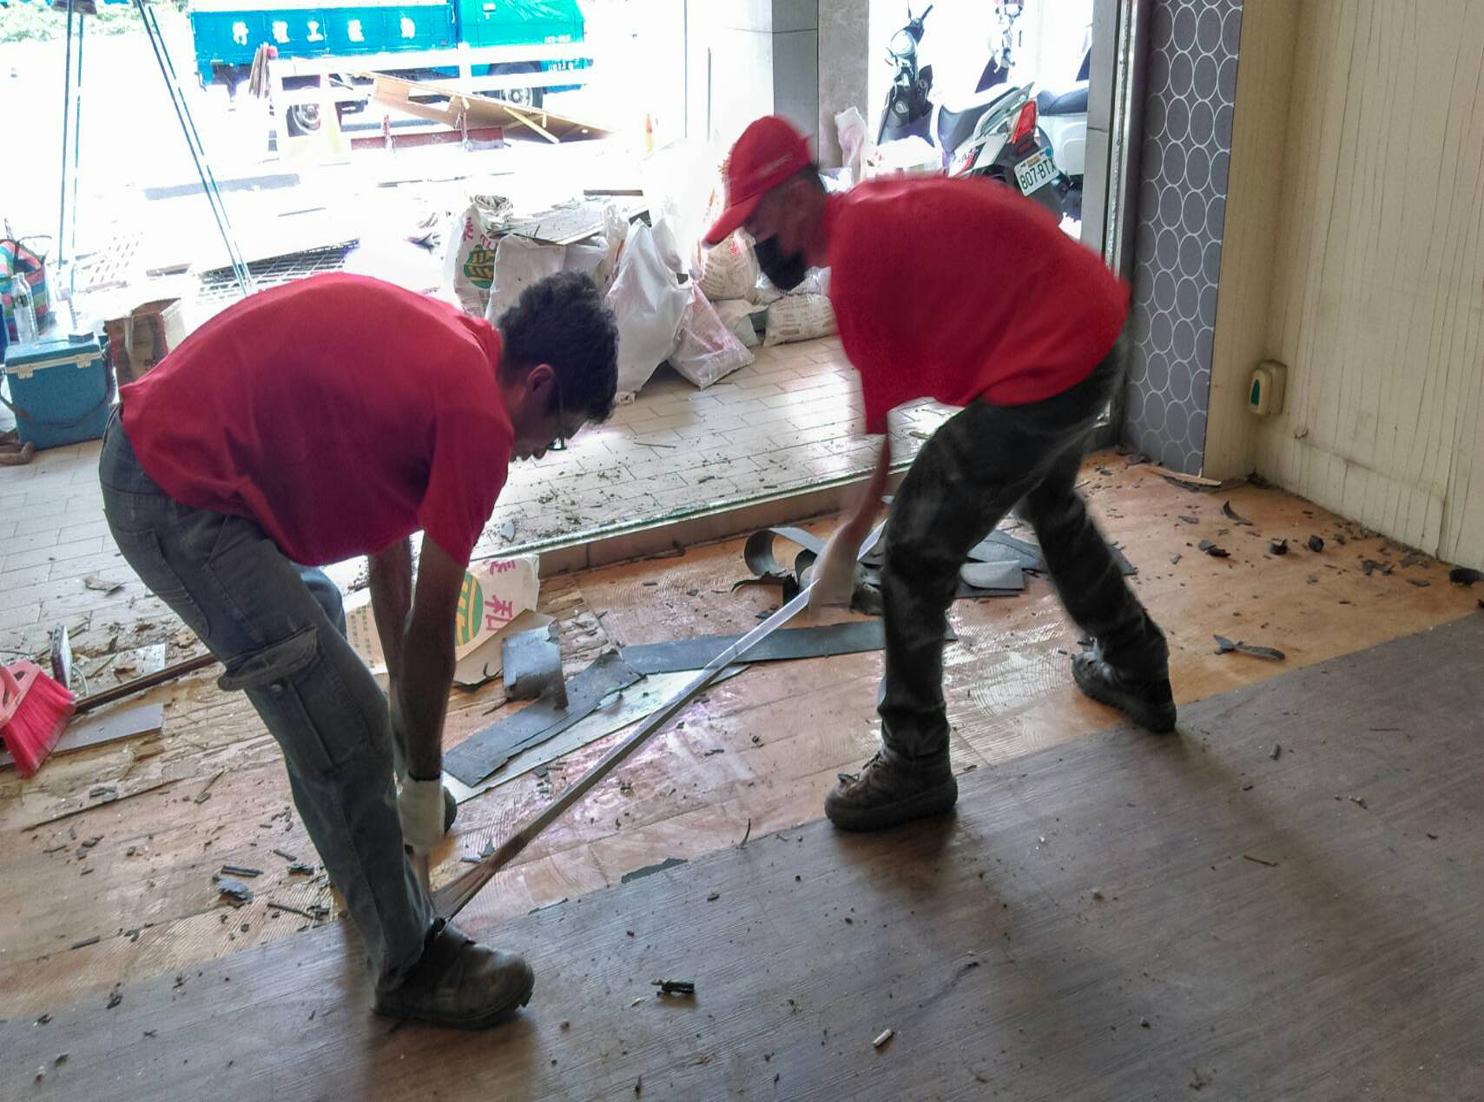 【勁猛工程行】-為台中專業拆除工程公司,中部房屋拆除,裝潢拆除,專業打石,百貨業拆除,鐵皮屋拆除,房屋拆除,裝潢拆除,切割鑚孔,拆除裝潢,打石工,粗工,空調管拆除